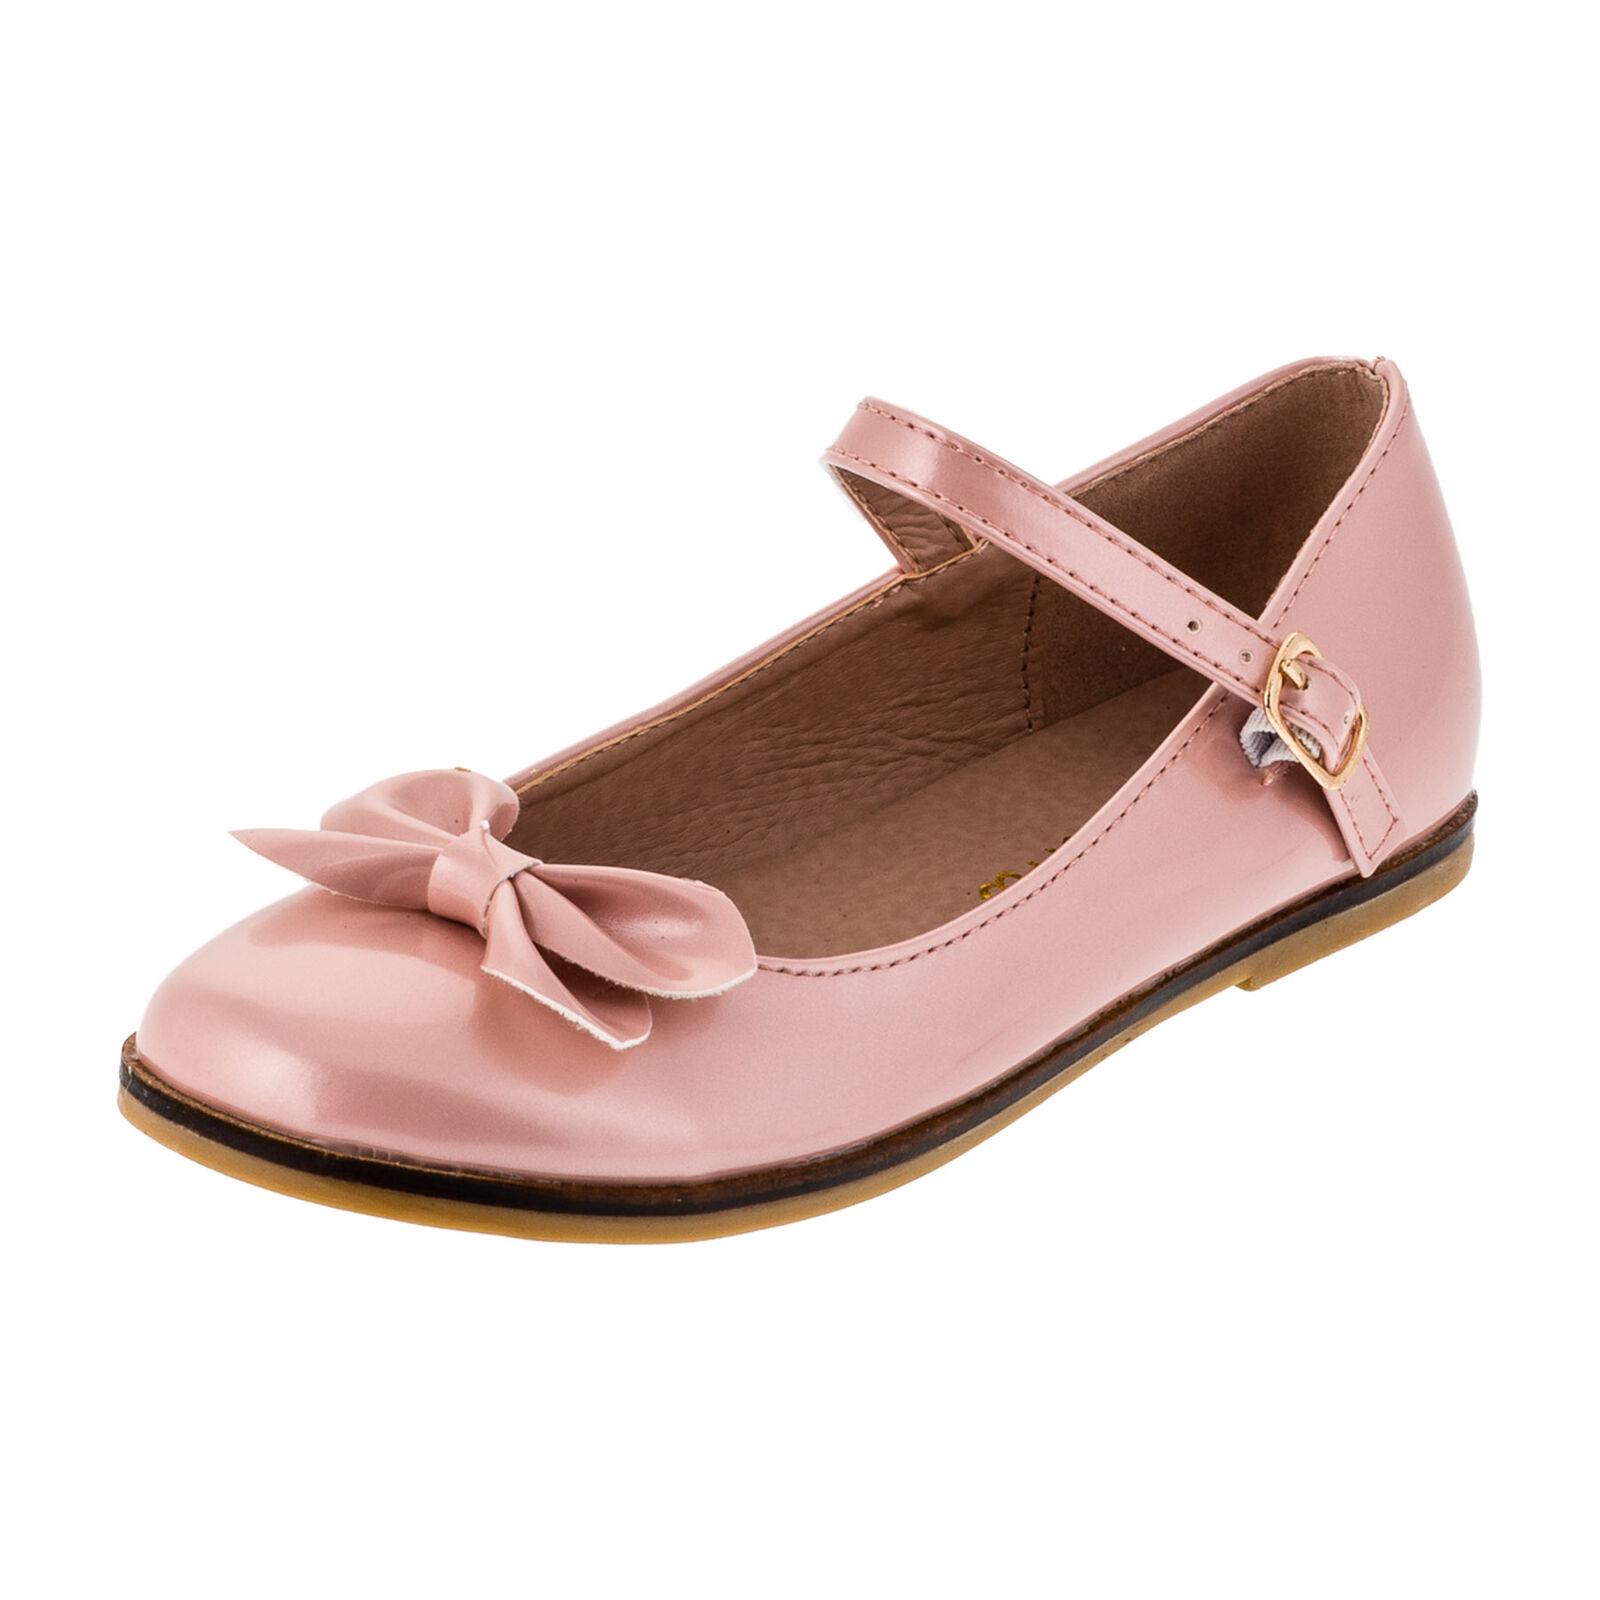 8c8a2522c6371f Festliche Mädchen Party Ballerinas Schuhe Mädchenschuhe ...